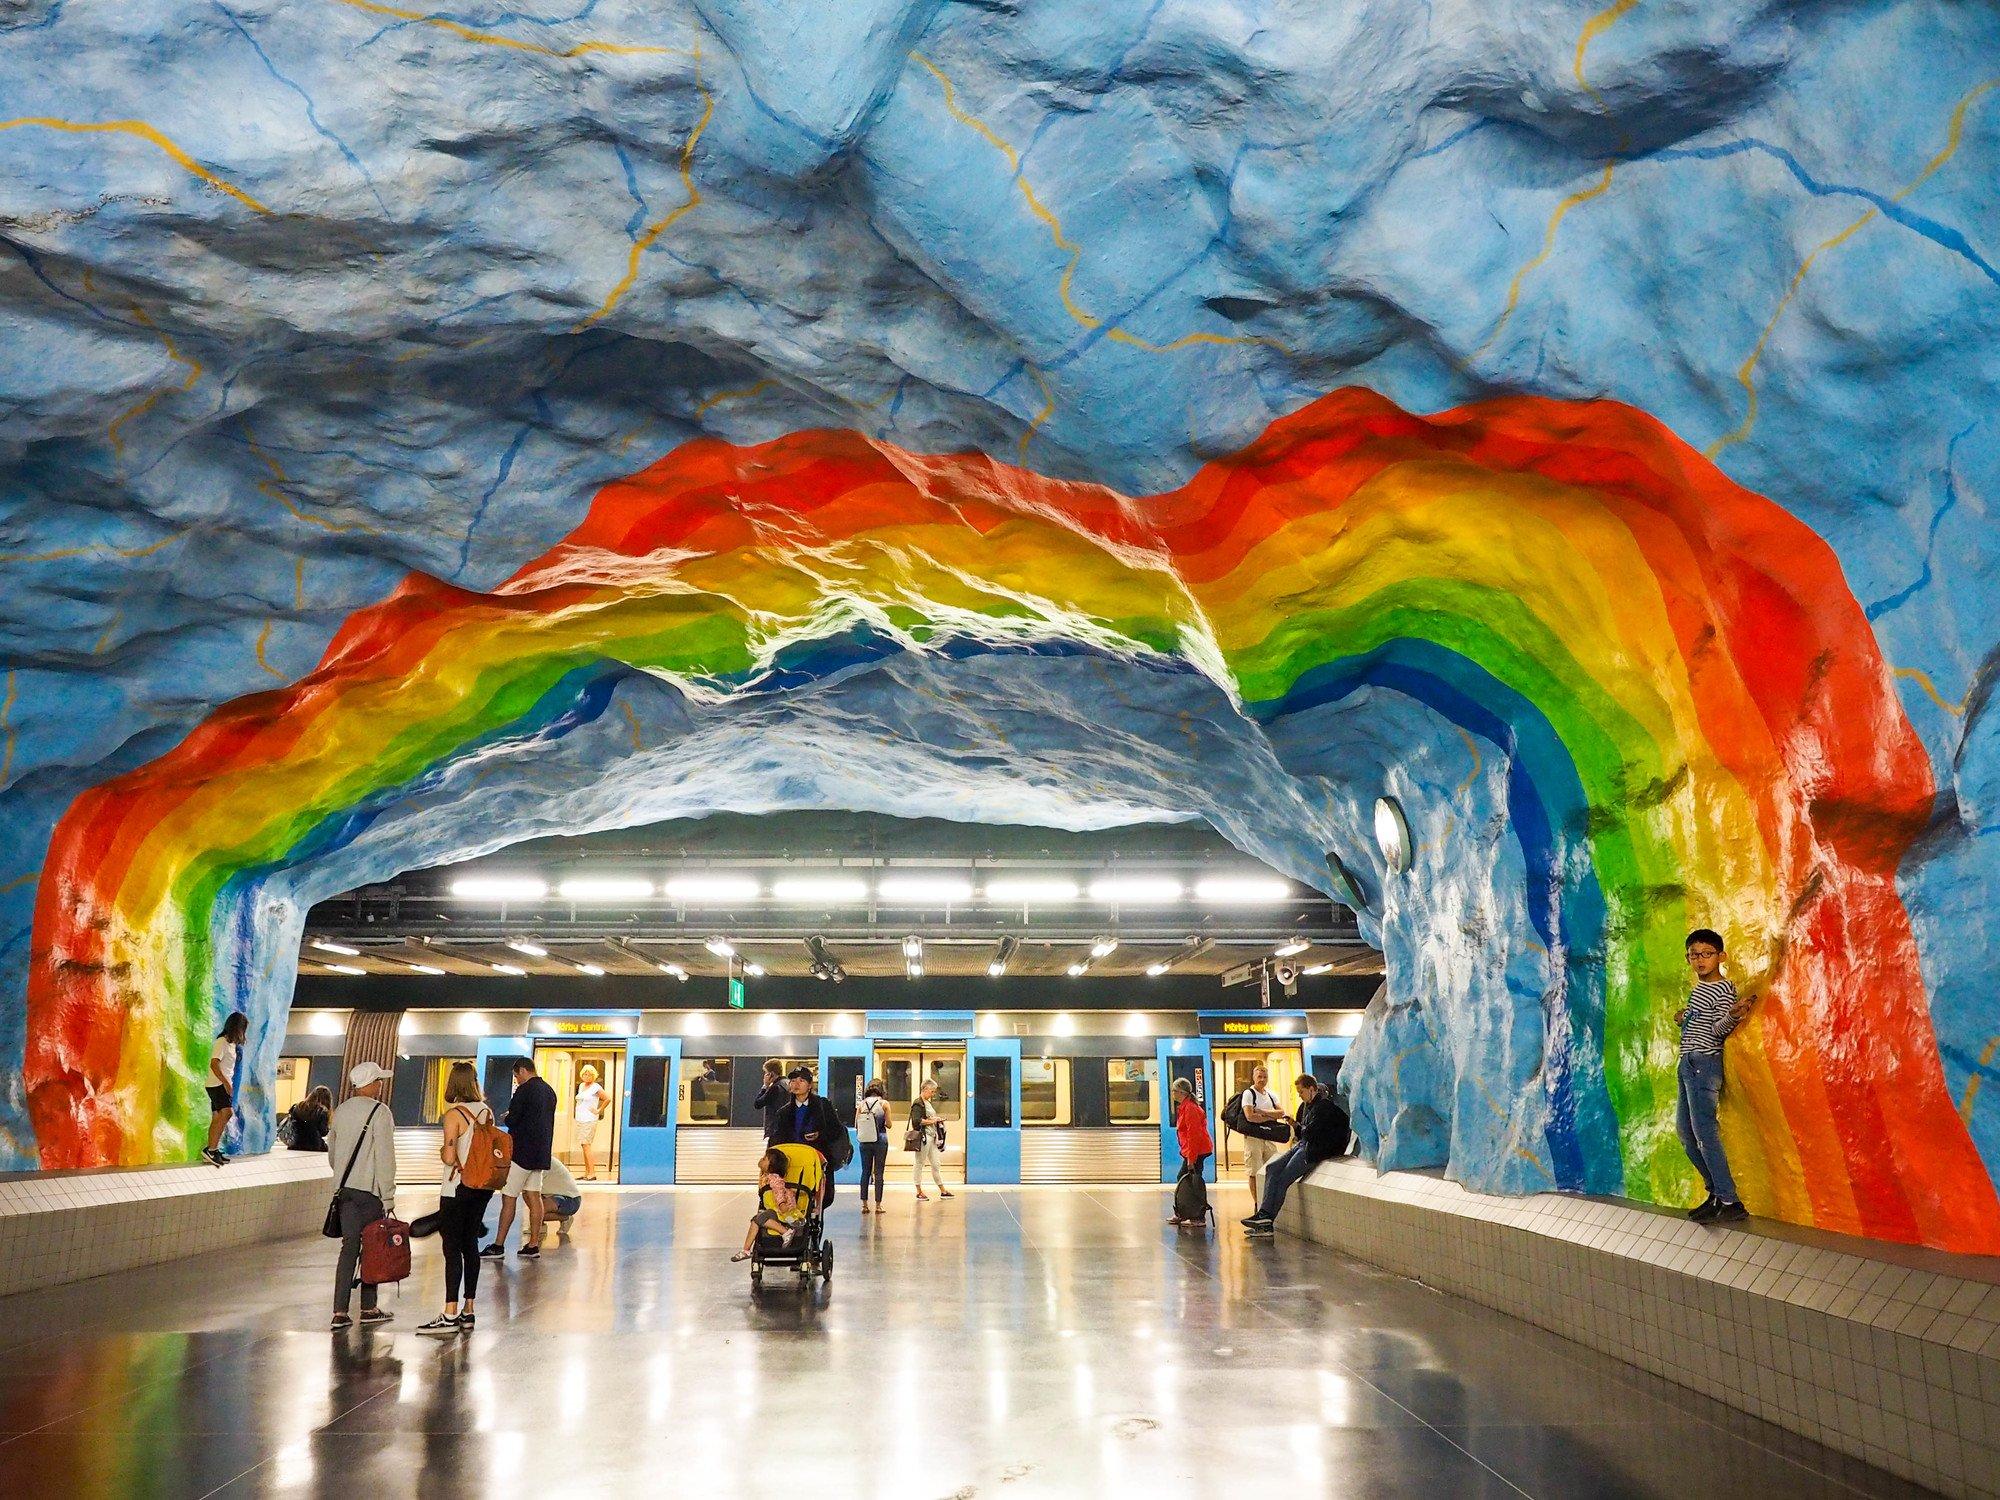 Stadion metro station in Stockholm, Sweden